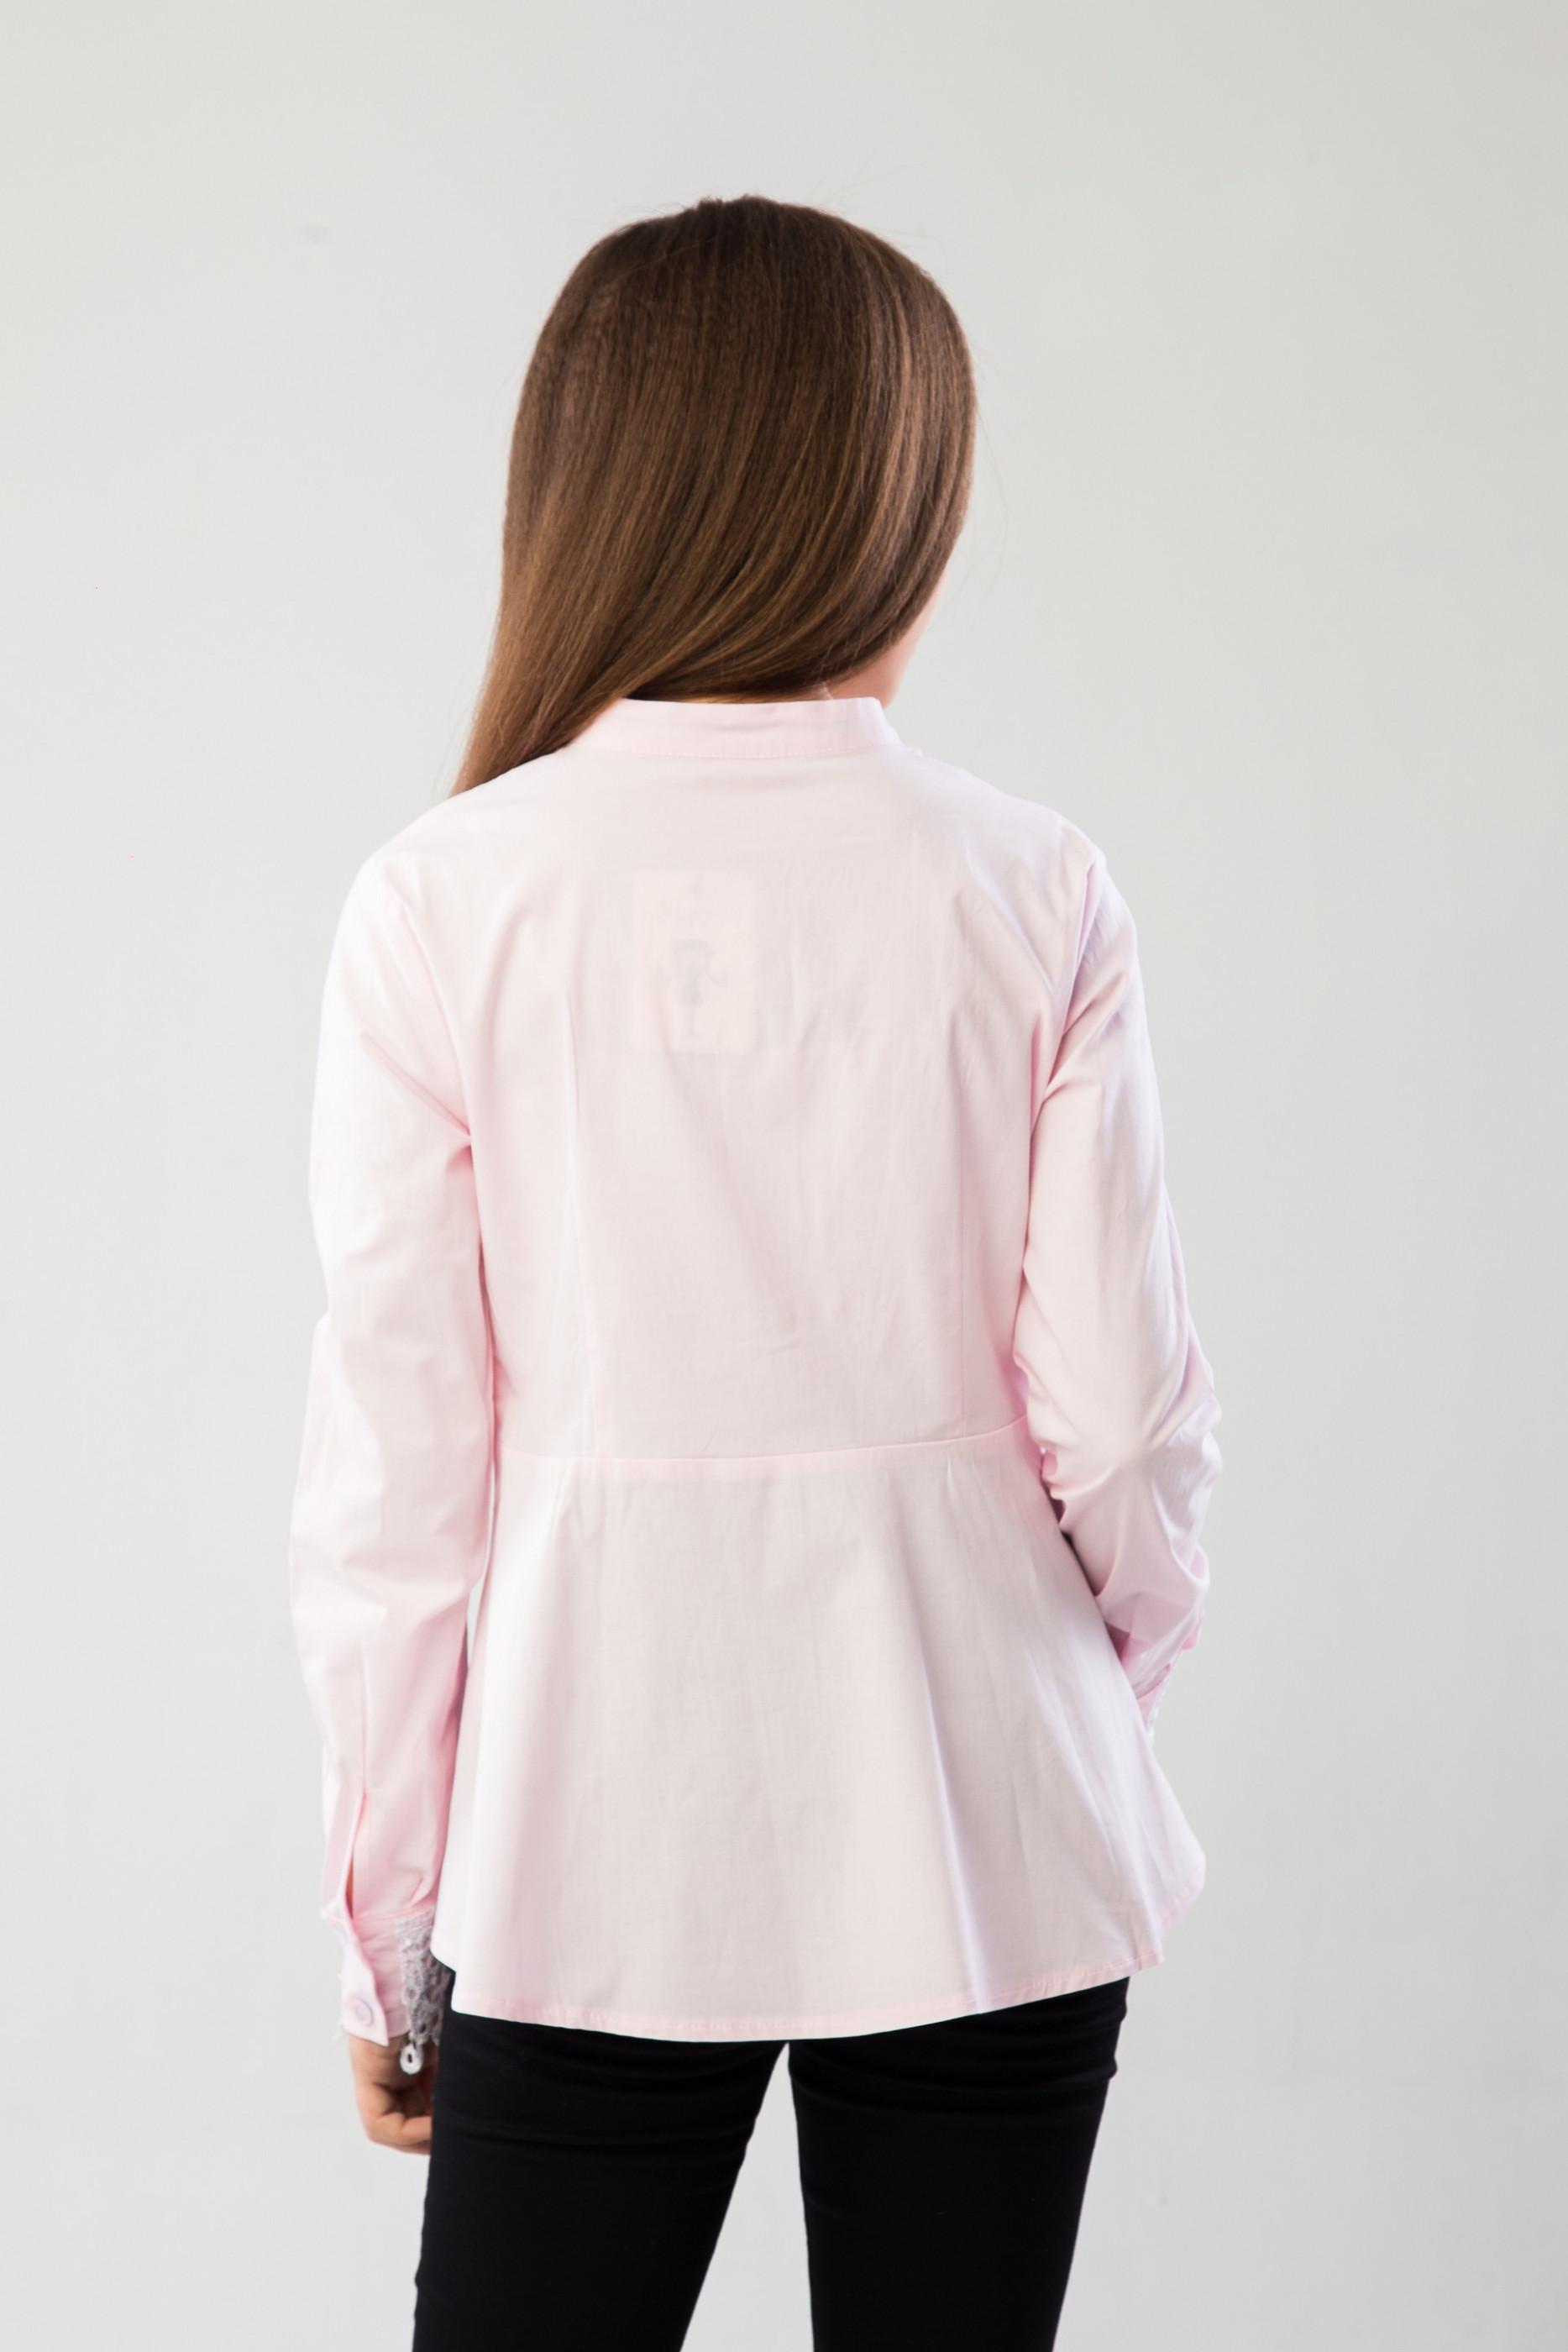 Рубашка Трініті, фото №3